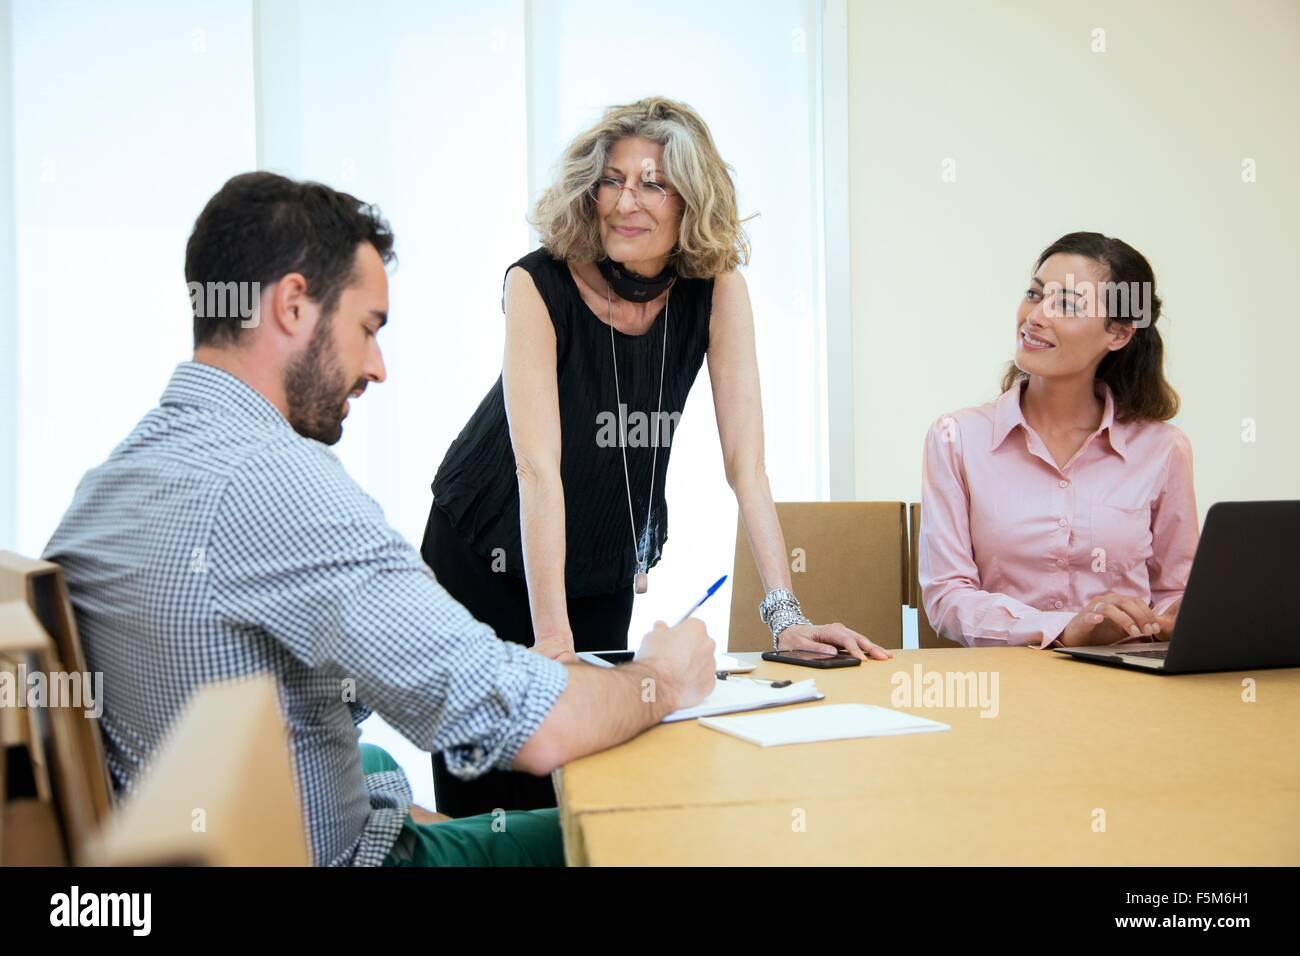 Brainstorming trois concepteurs à table de conférence Photo Stock